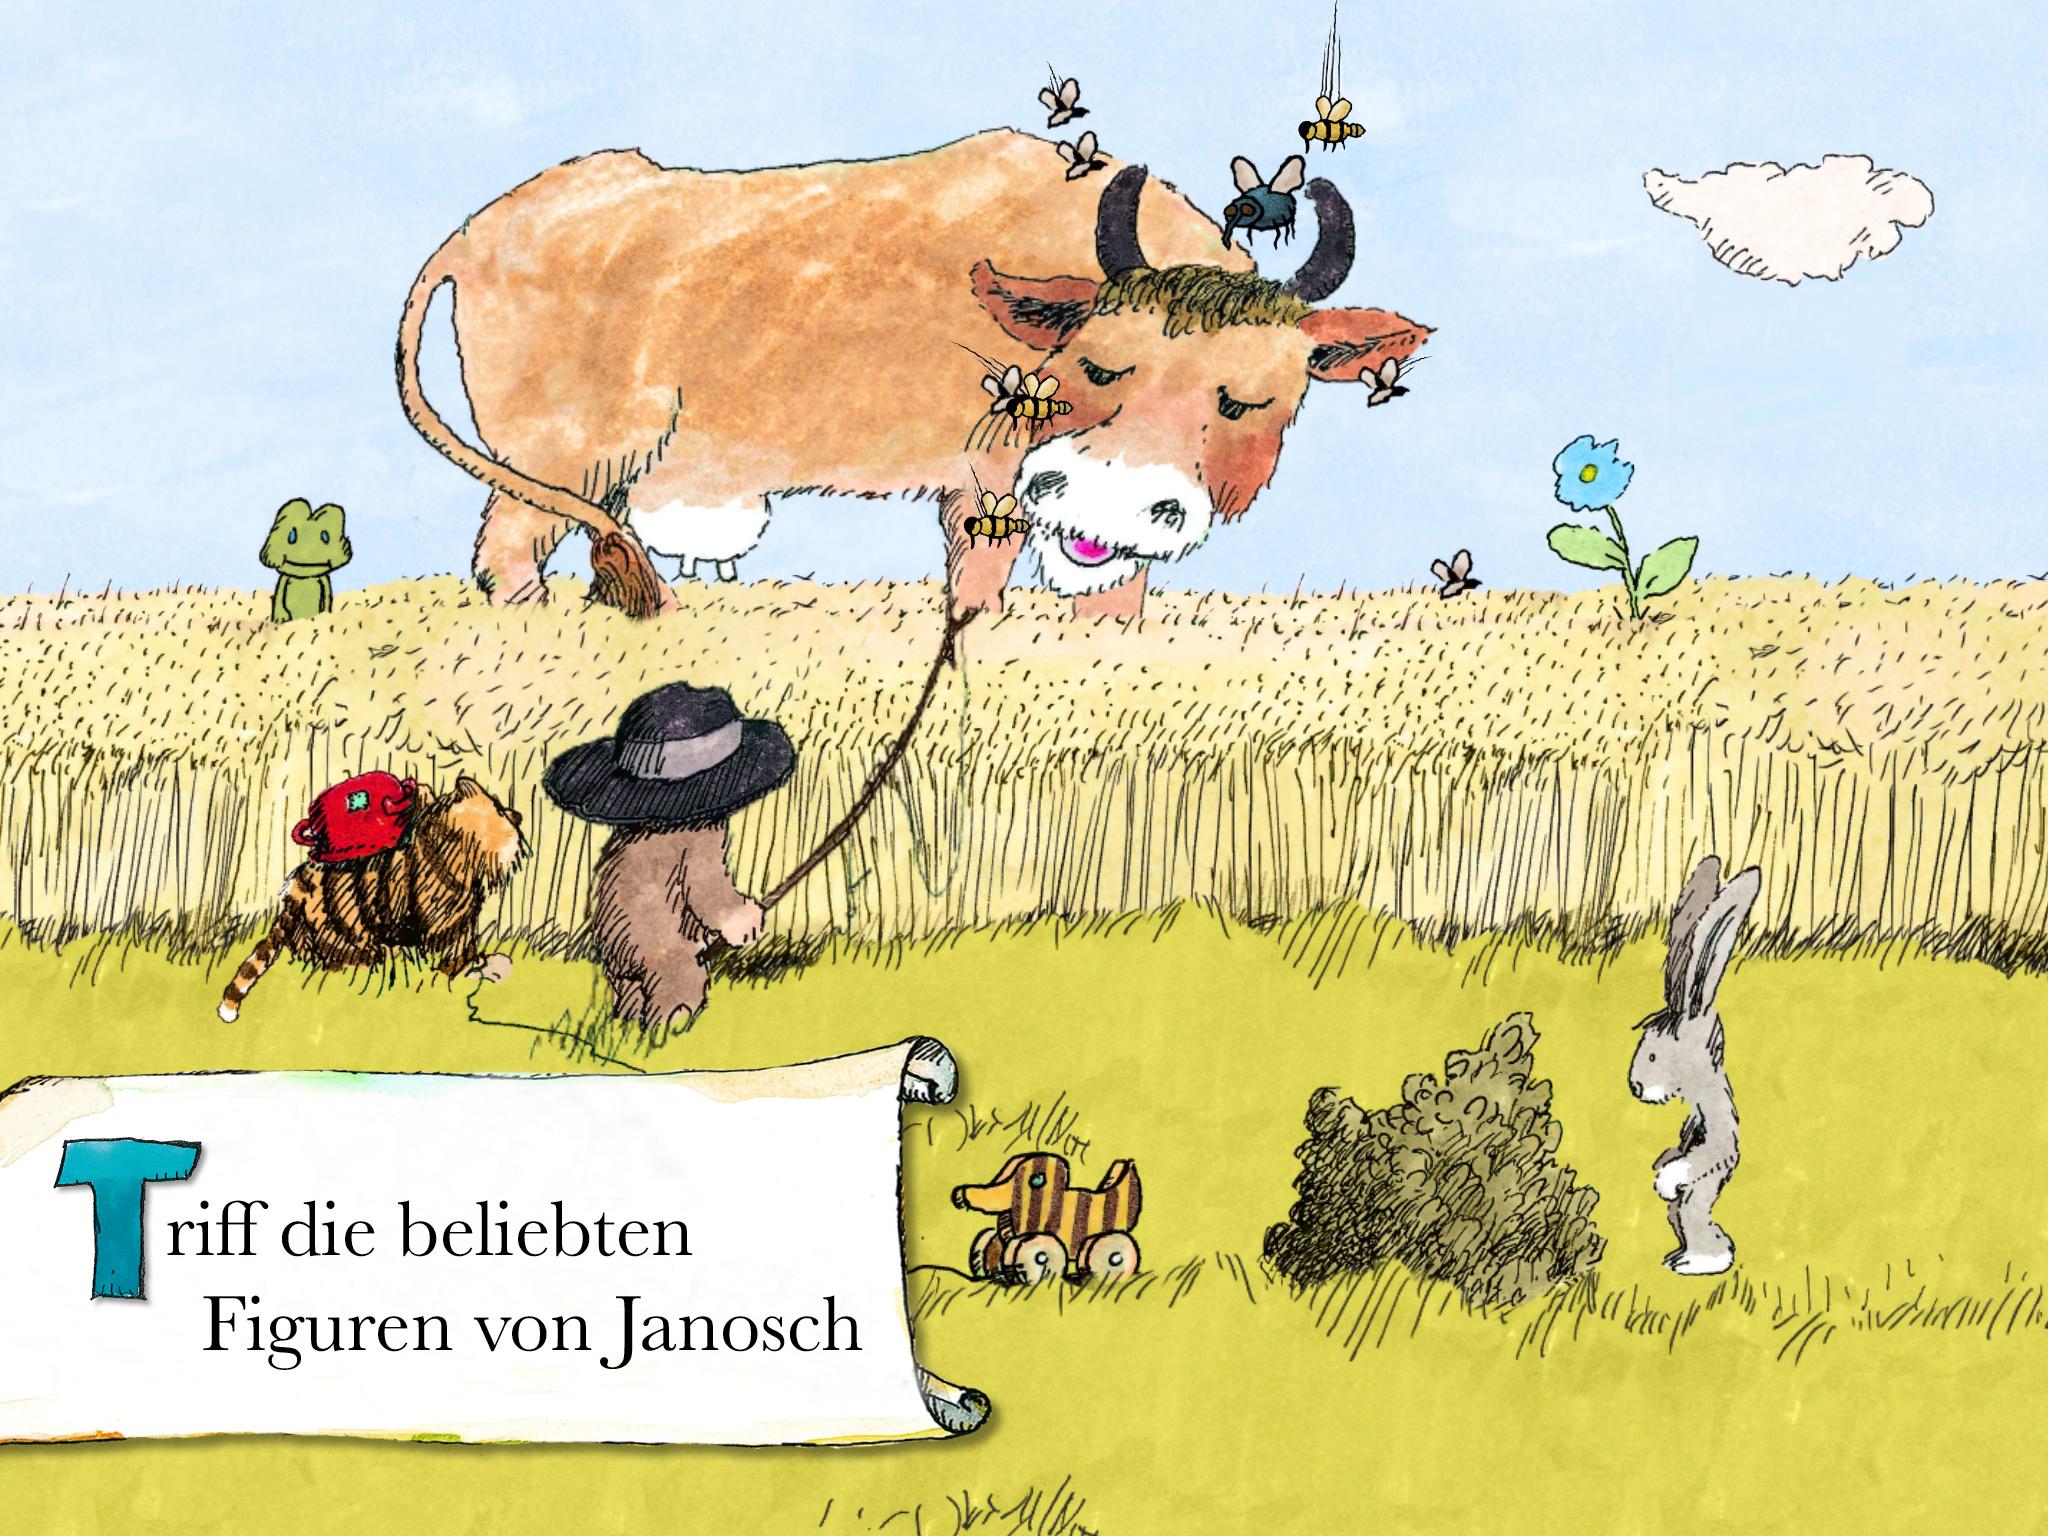 """Screenshot: Gezeichnete Szene, in der der kleine Tiger und Bär vor einem Weizenfeld stehen, in dem eine große Kuh steht. Diverse andere Figuren wie ein Frosch, Hase und die Tigerente sind ebenfalls im Bild. Links unten steht """"Triff die beliebten Figuren von Janosch"""""""